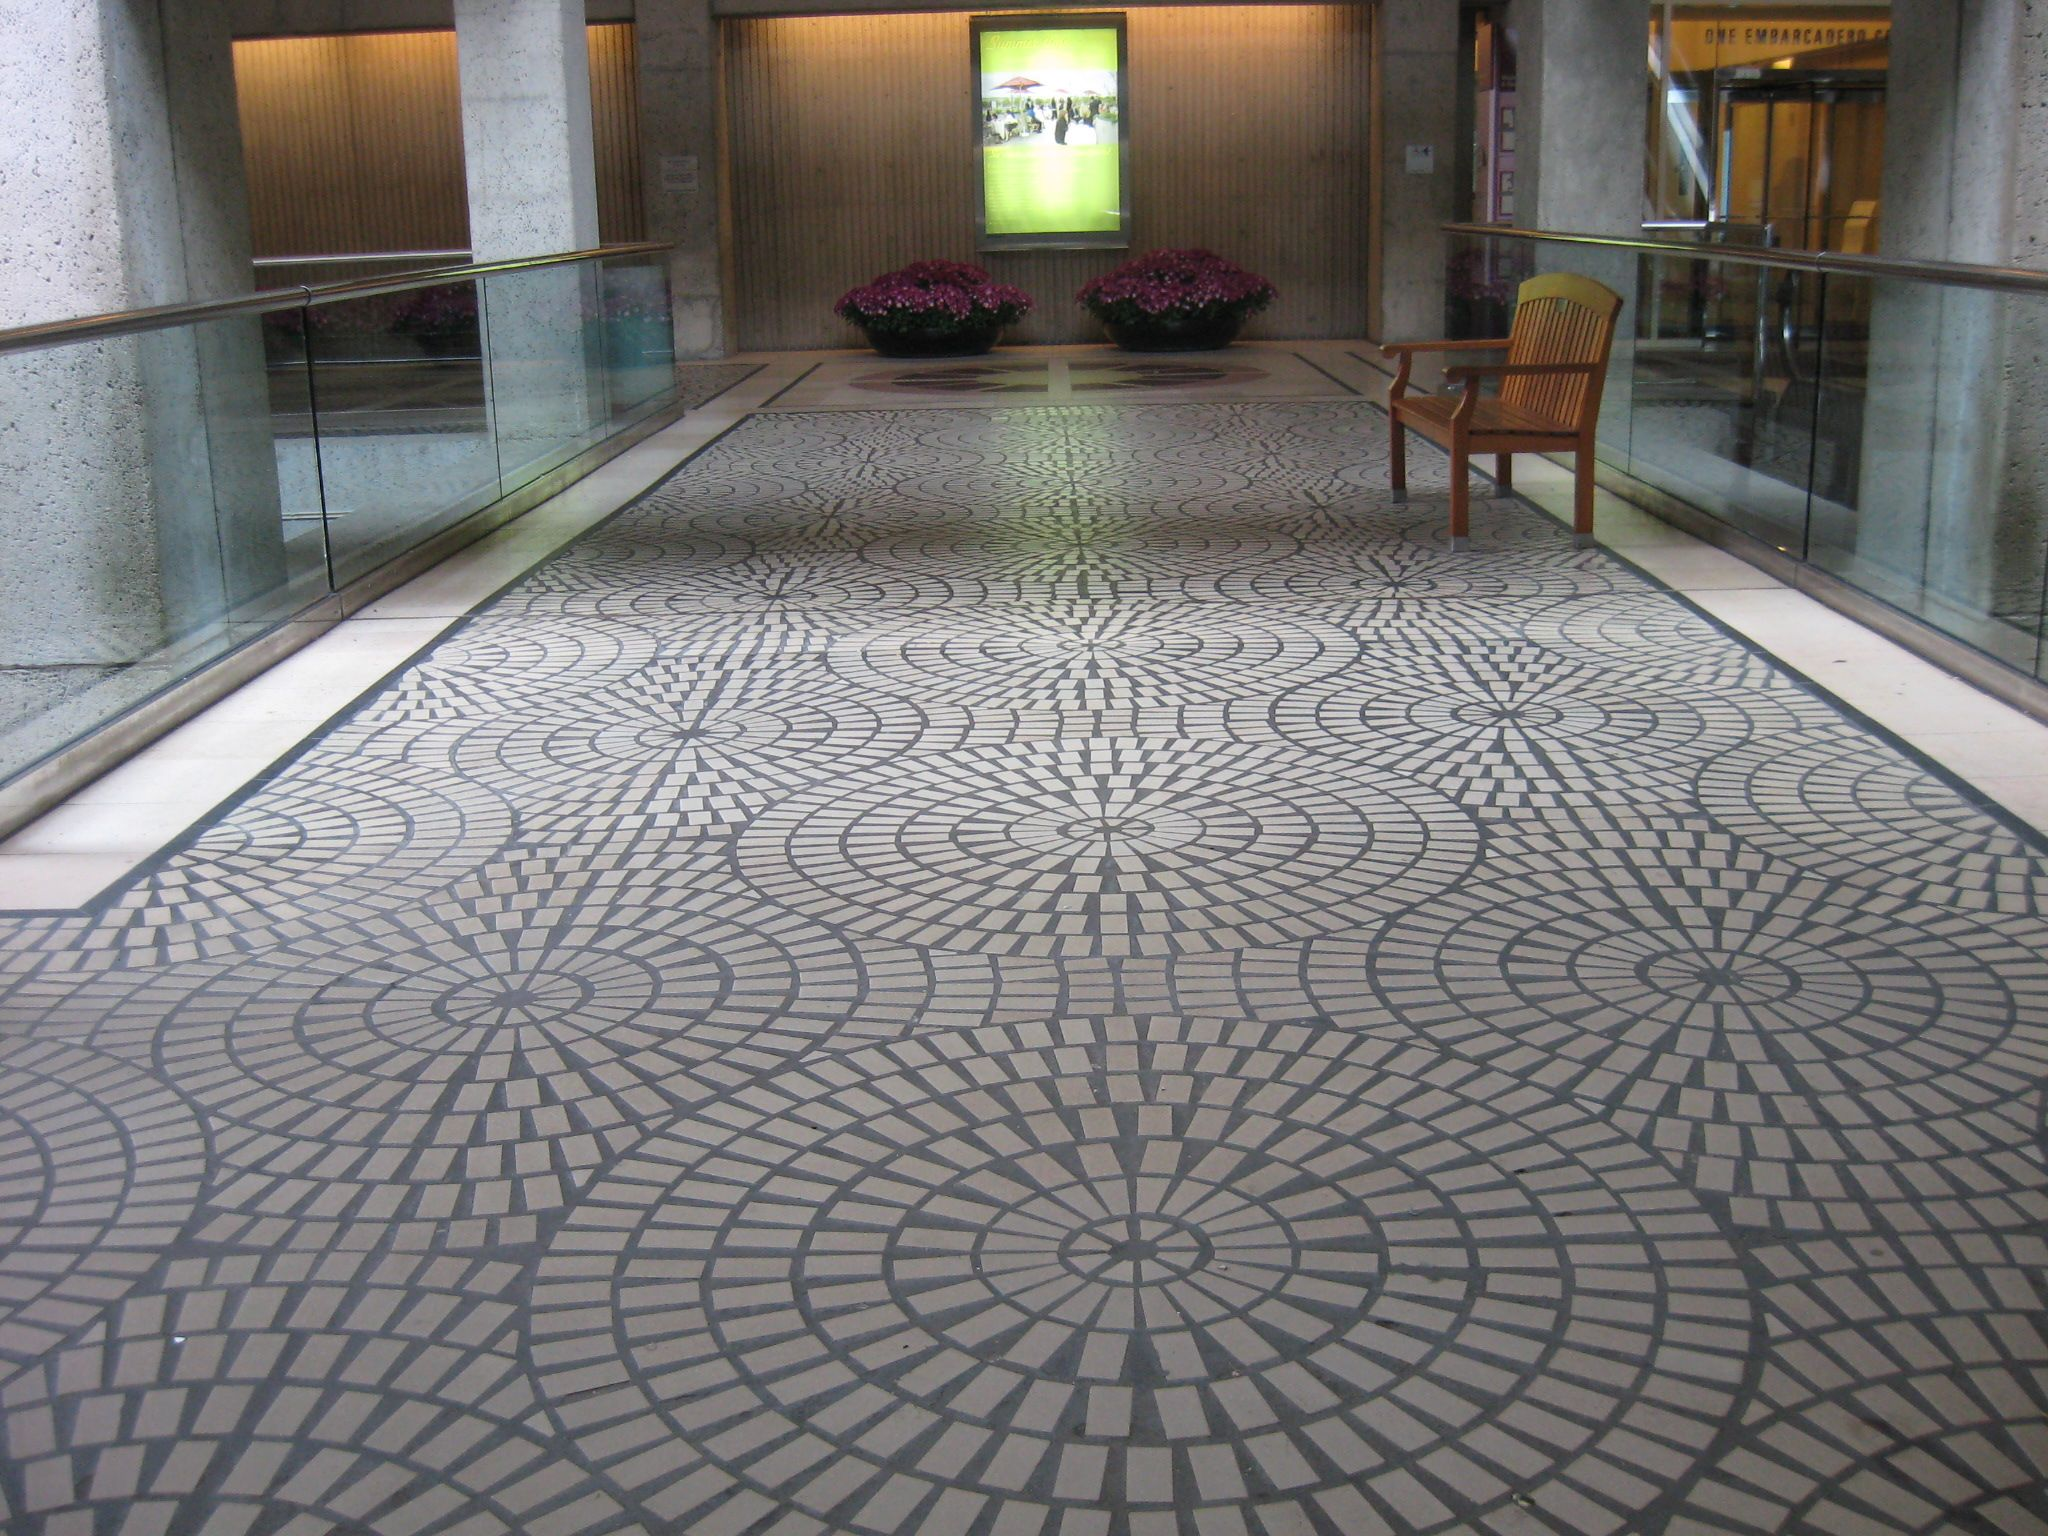 Tiled floor neat foam floor tiles for ceramic floor tile home tiled floor neat foam floor tiles for ceramic floor tile home dailygadgetfo Choice Image